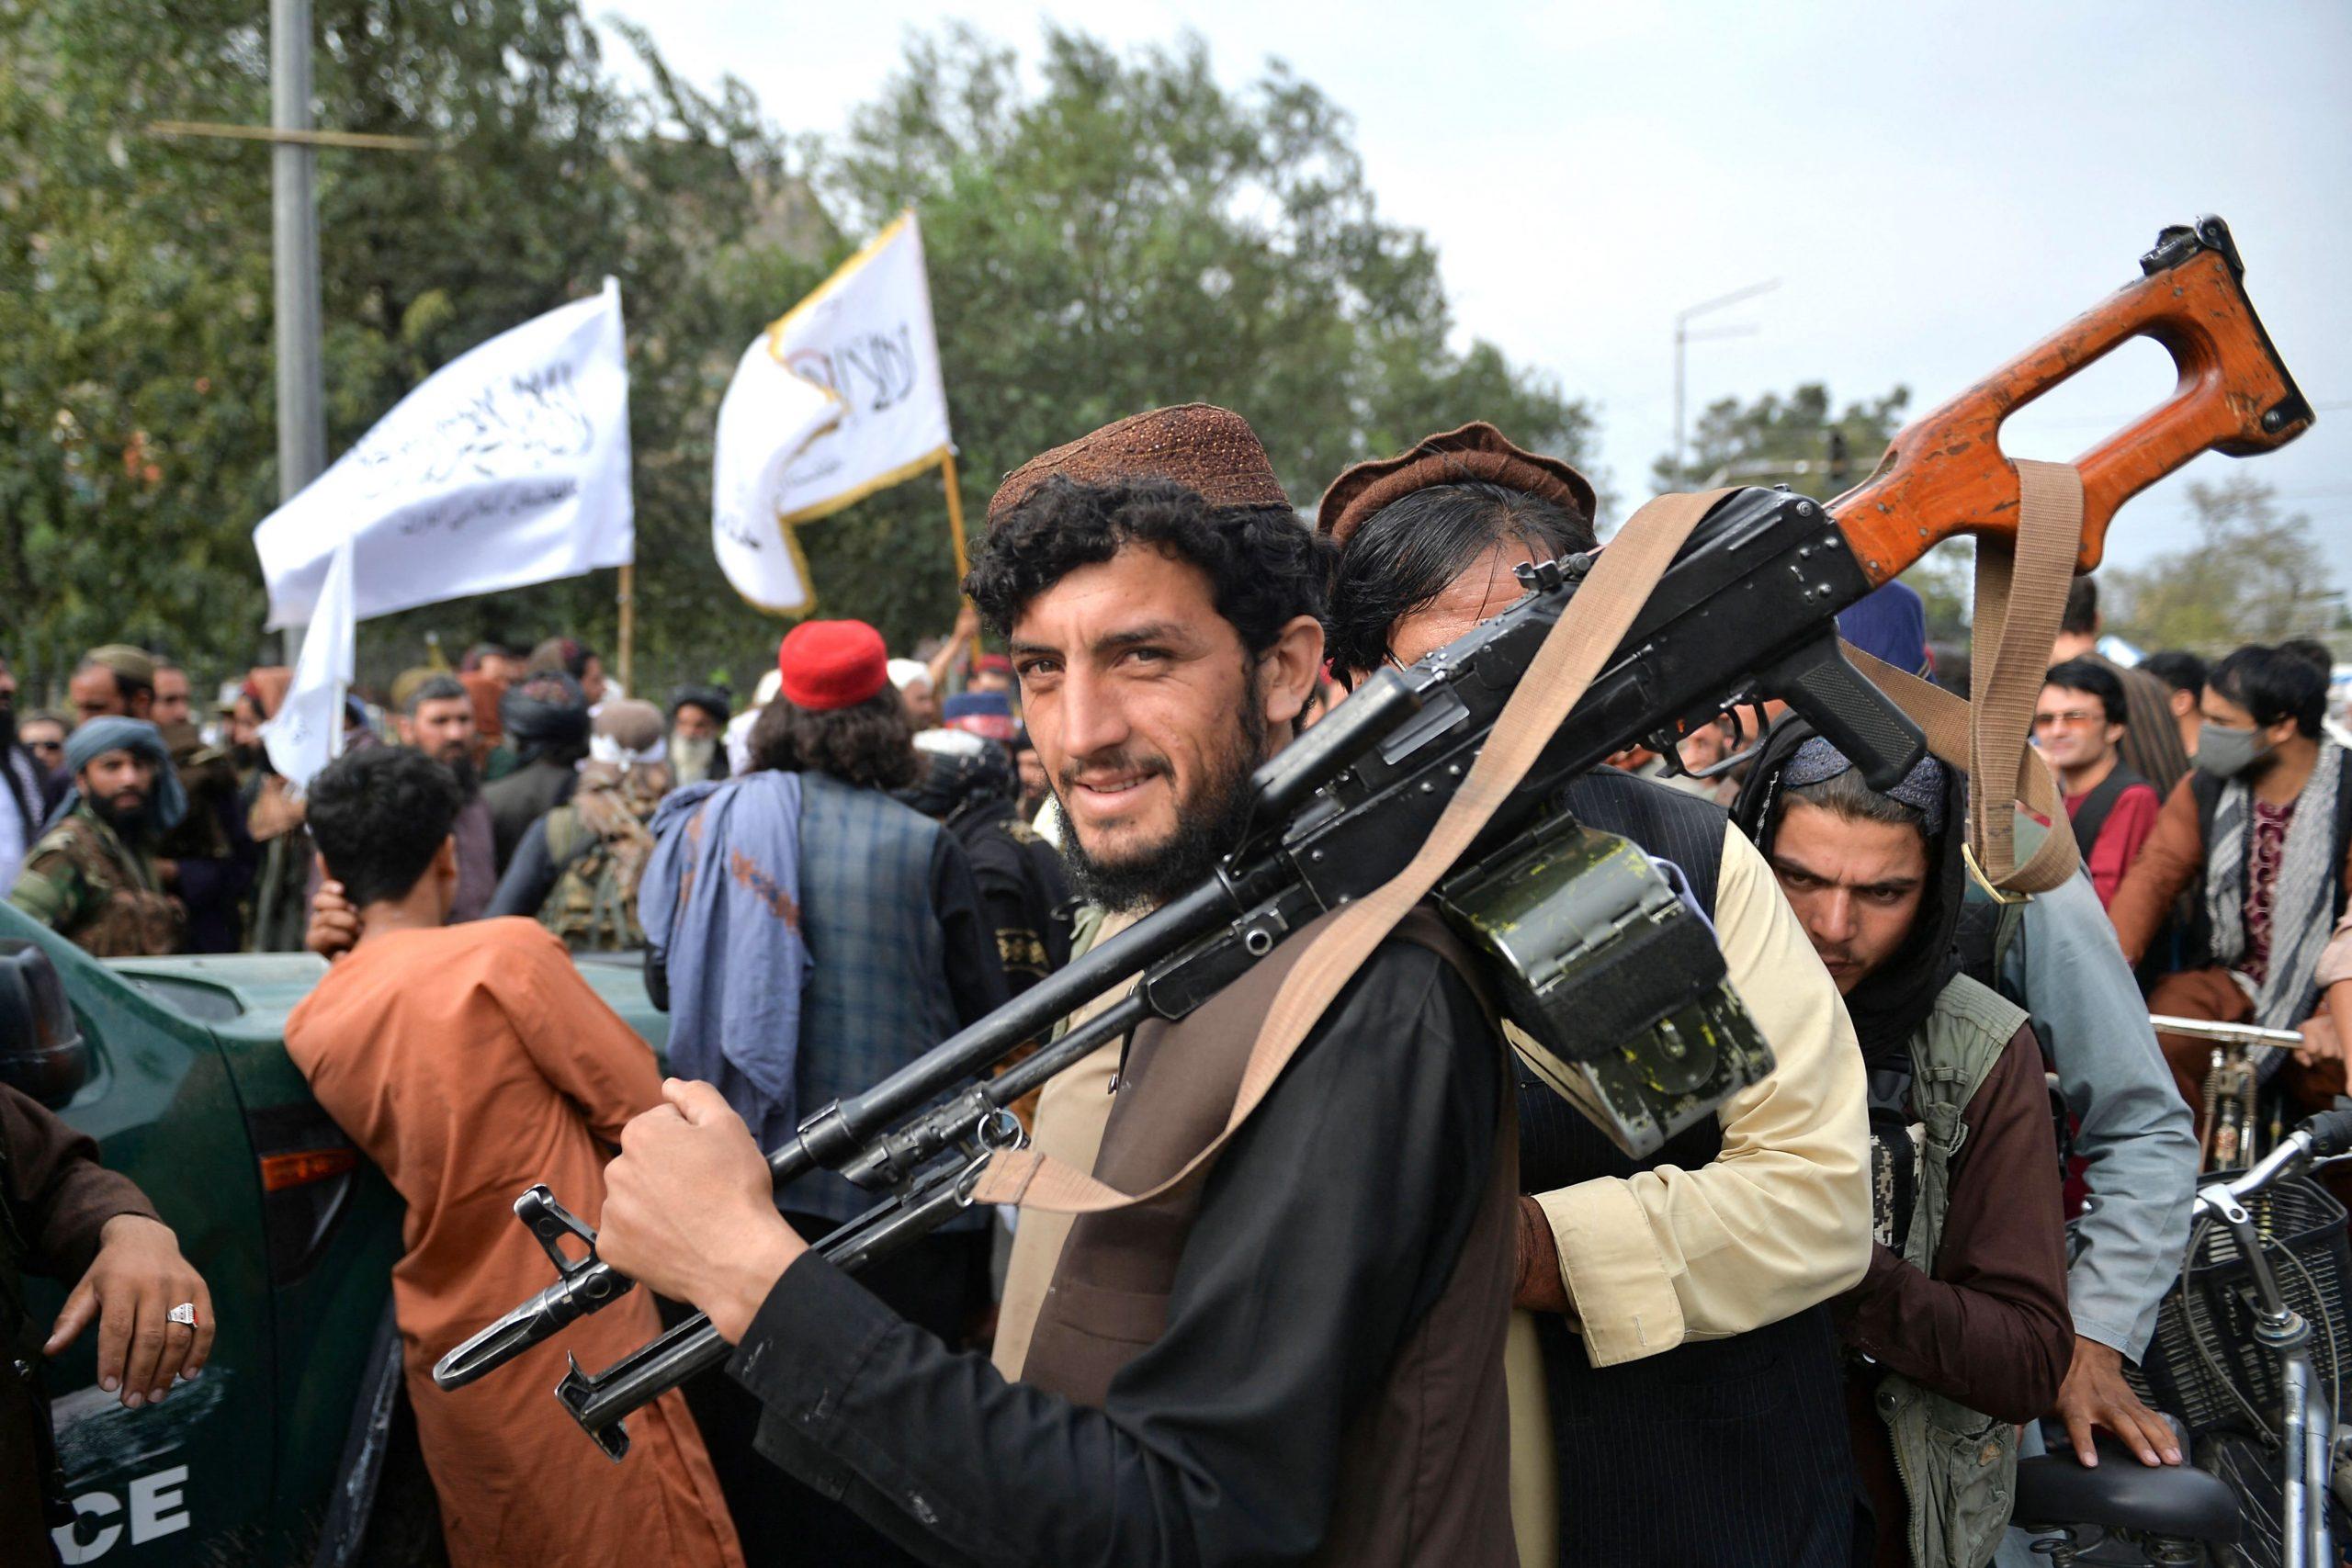 Vertreter der Hasara-Minderheit: Die Taliban vertreiben uns